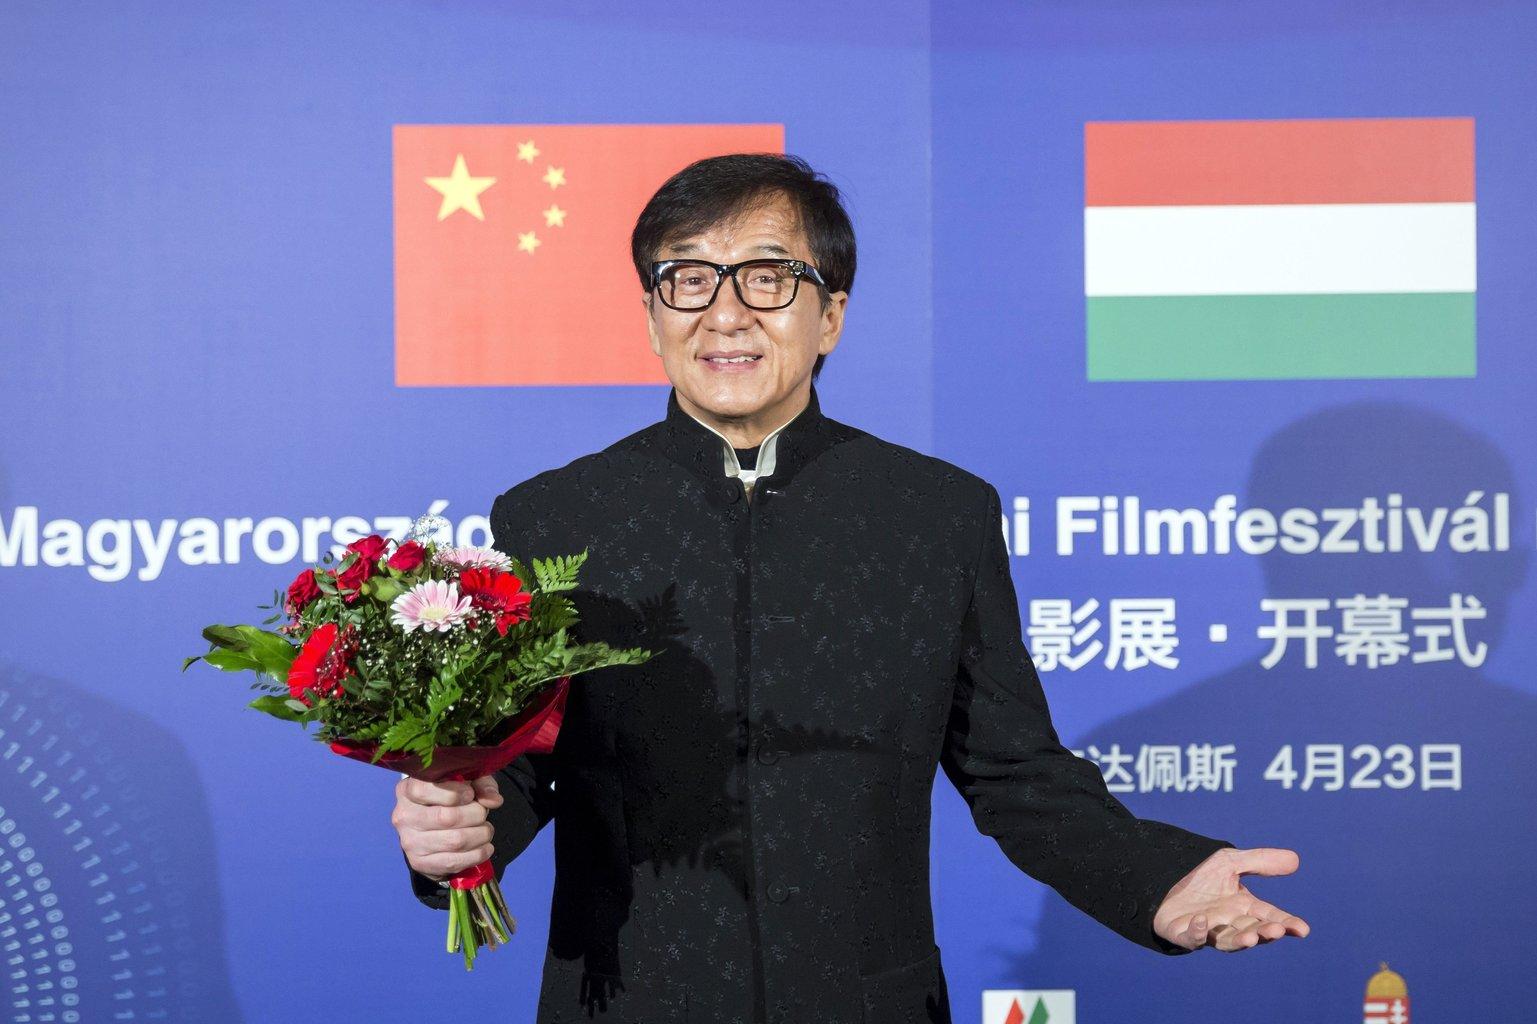 Jackie Chan Oscar-díjas színész, harcművész a kínai filmfesztivál megnyitóján a fővárosi Uránia Nemzeti Filmszínházban 2017. április 23-án. MTI Fotó: Mohai Balázs